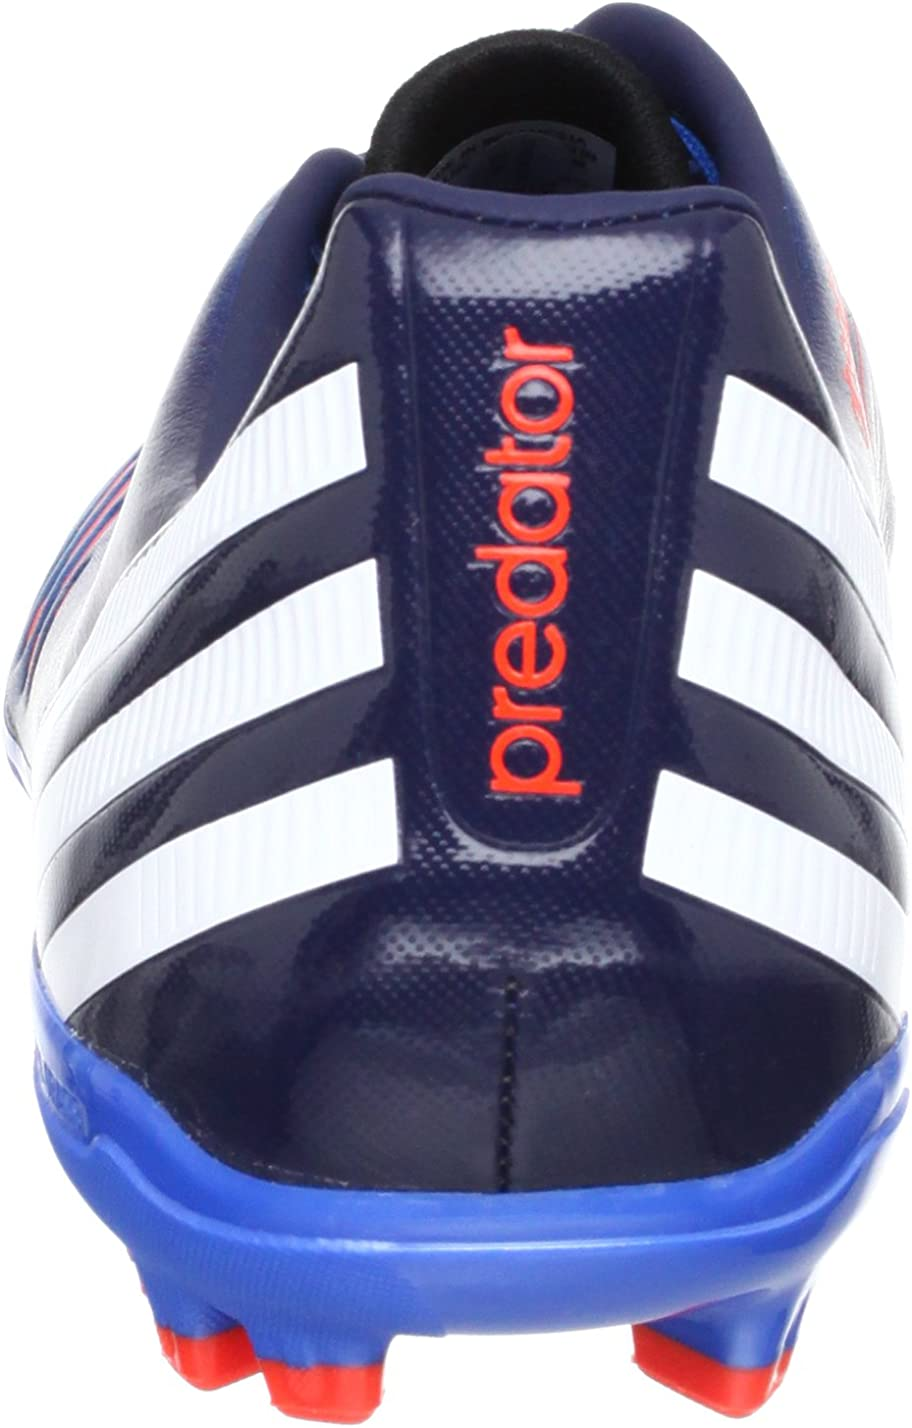 ADIDAS Adidas predator absolado lz traxion ag zapatillas red ...